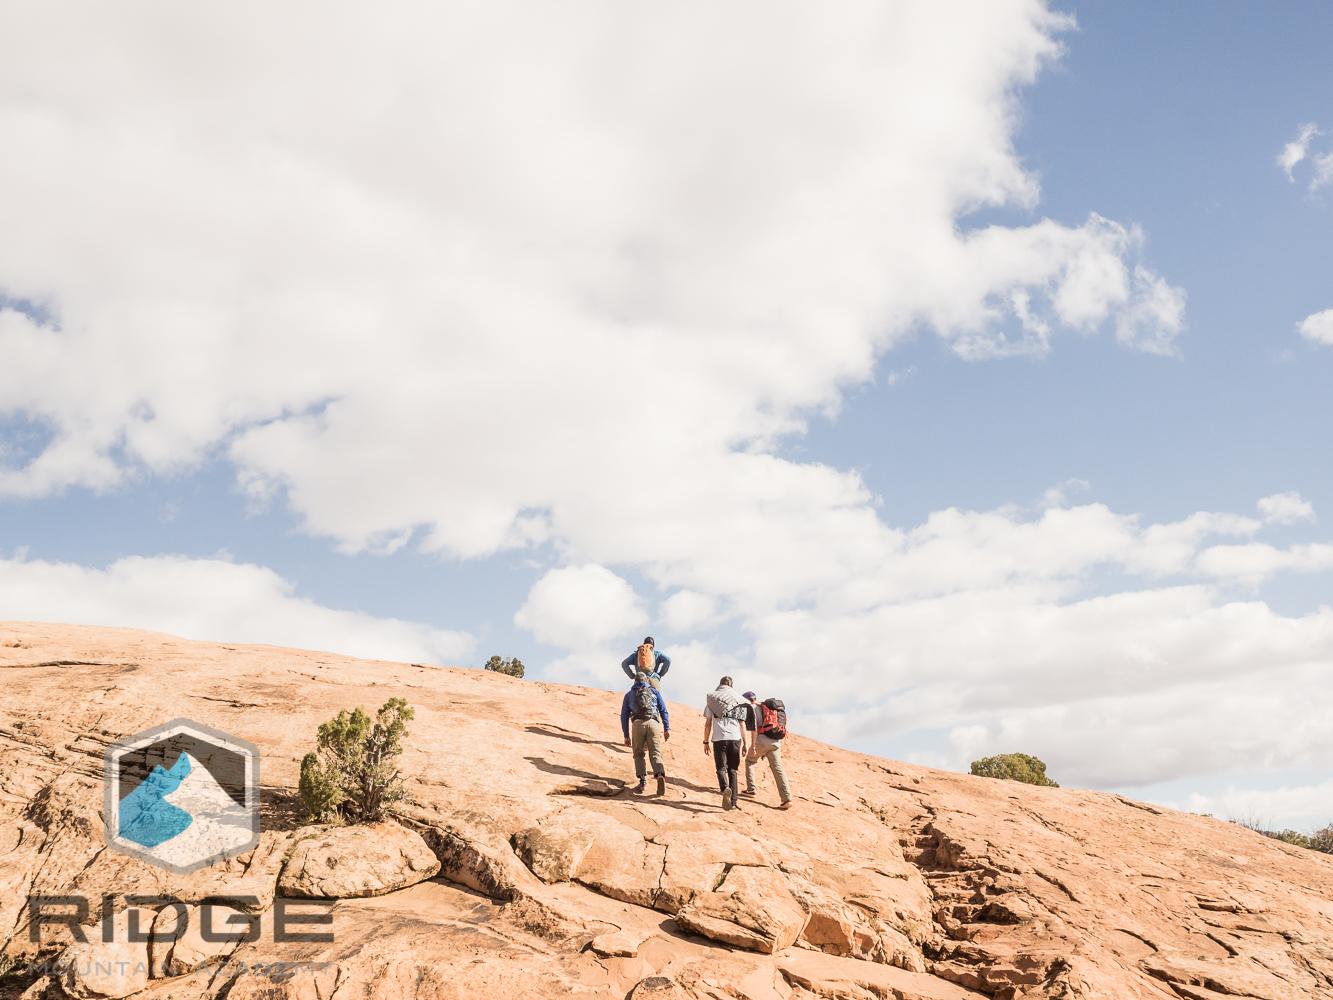 RIDGE in Moab, fall 2015-4.JPG